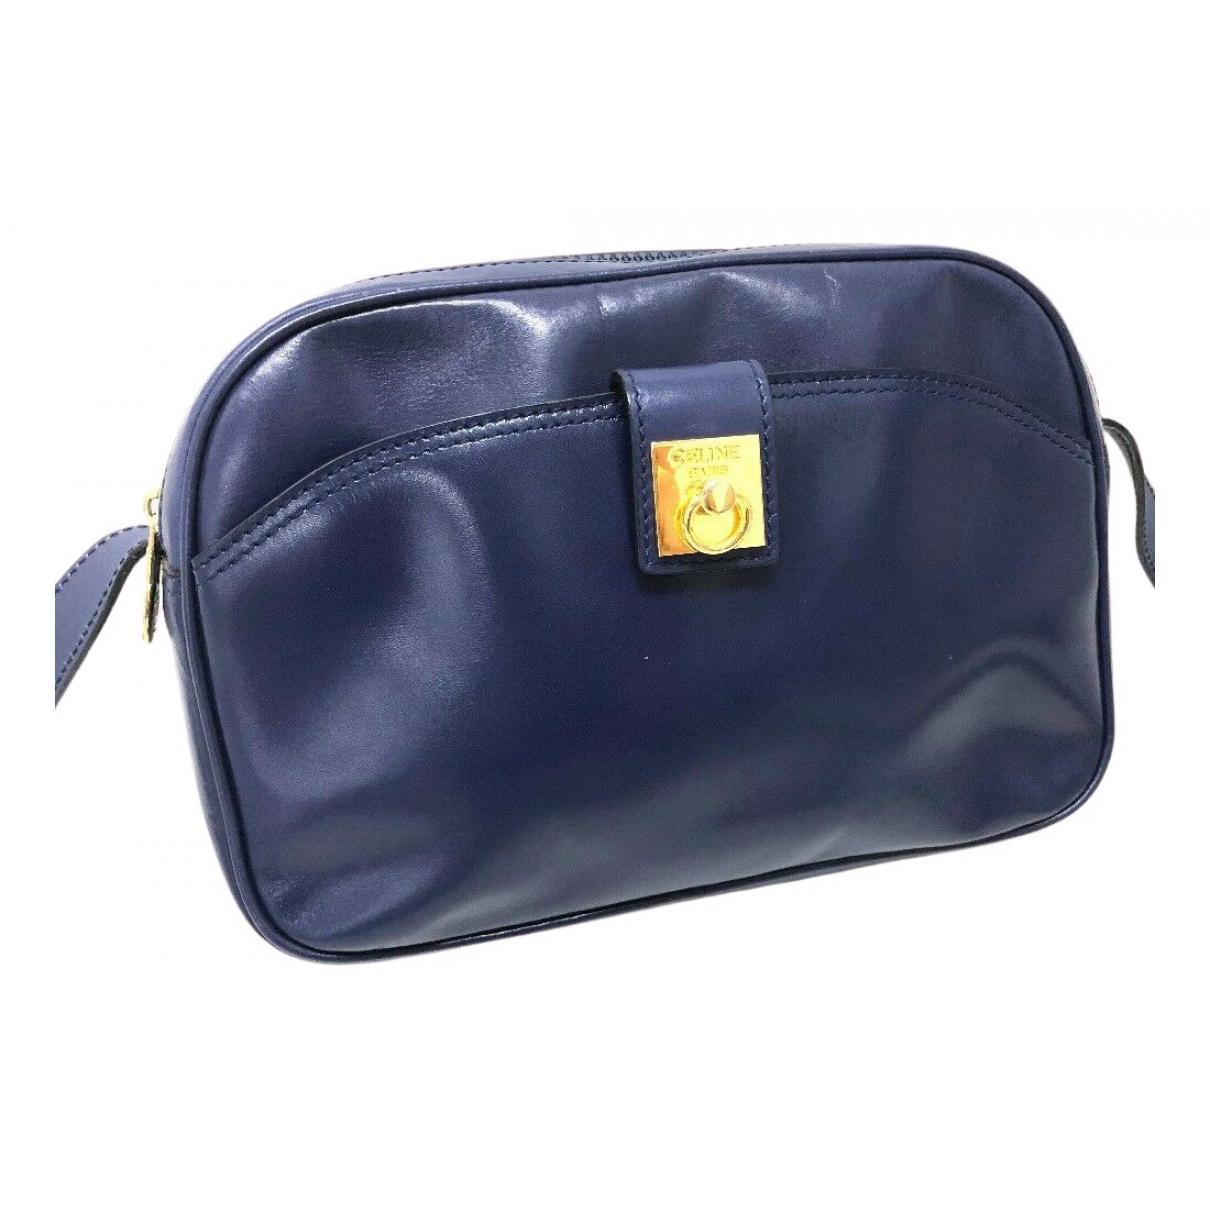 Celine \N Handtasche in  Marine Leder